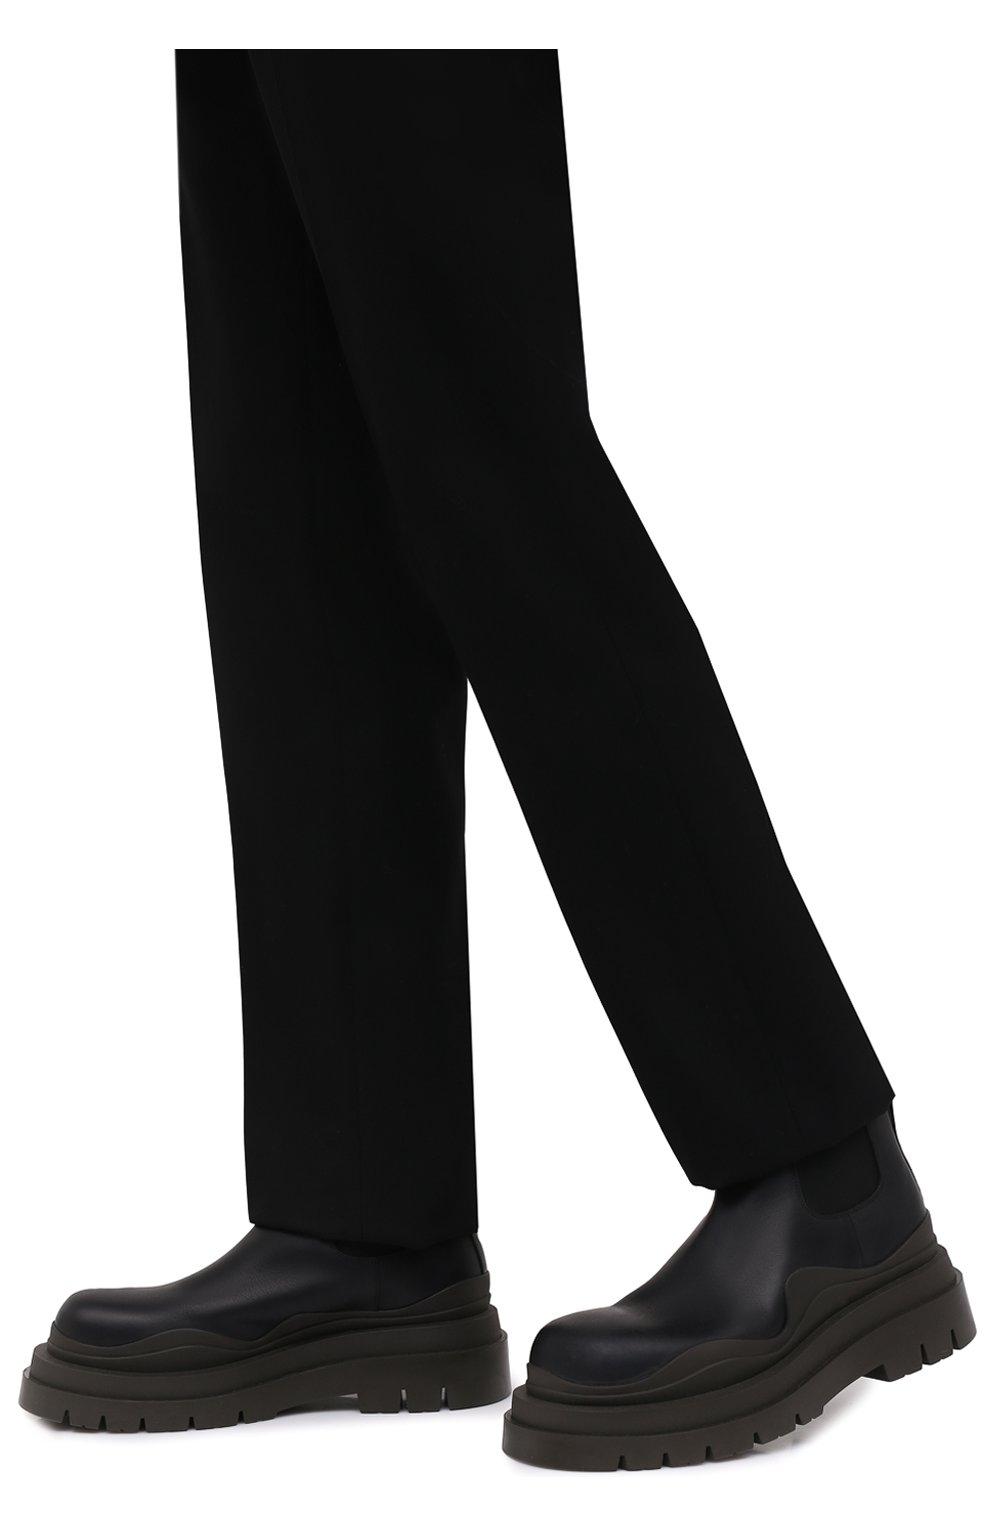 Мужские кожаные челси tire BOTTEGA VENETA черного цвета, арт. 630281/VBS50 | Фото 3 (Каблук высота: Высокий; Материал внутренний: Натуральная кожа; Подошва: Массивная; Мужское Кросс-КТ: Сапоги-обувь, Челси-обувь)